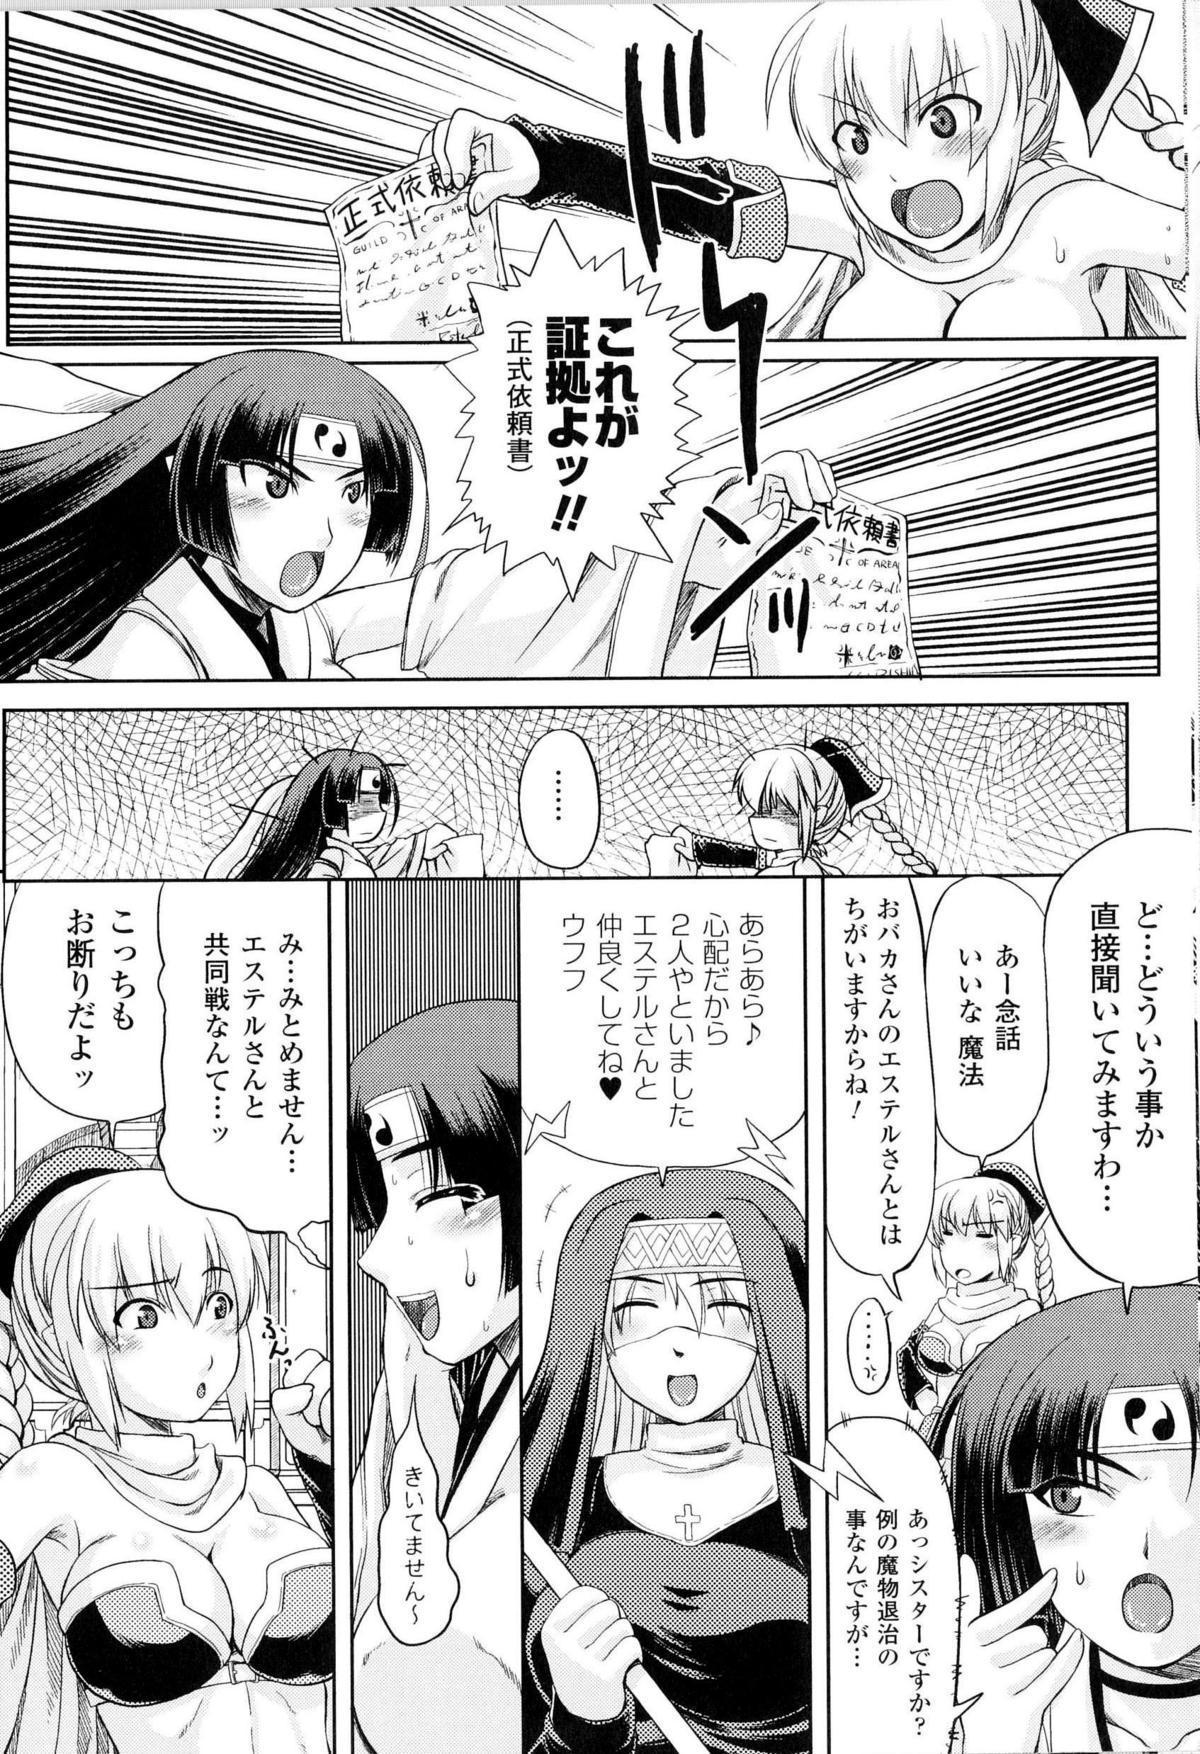 Toushin Engi Vol.14 48